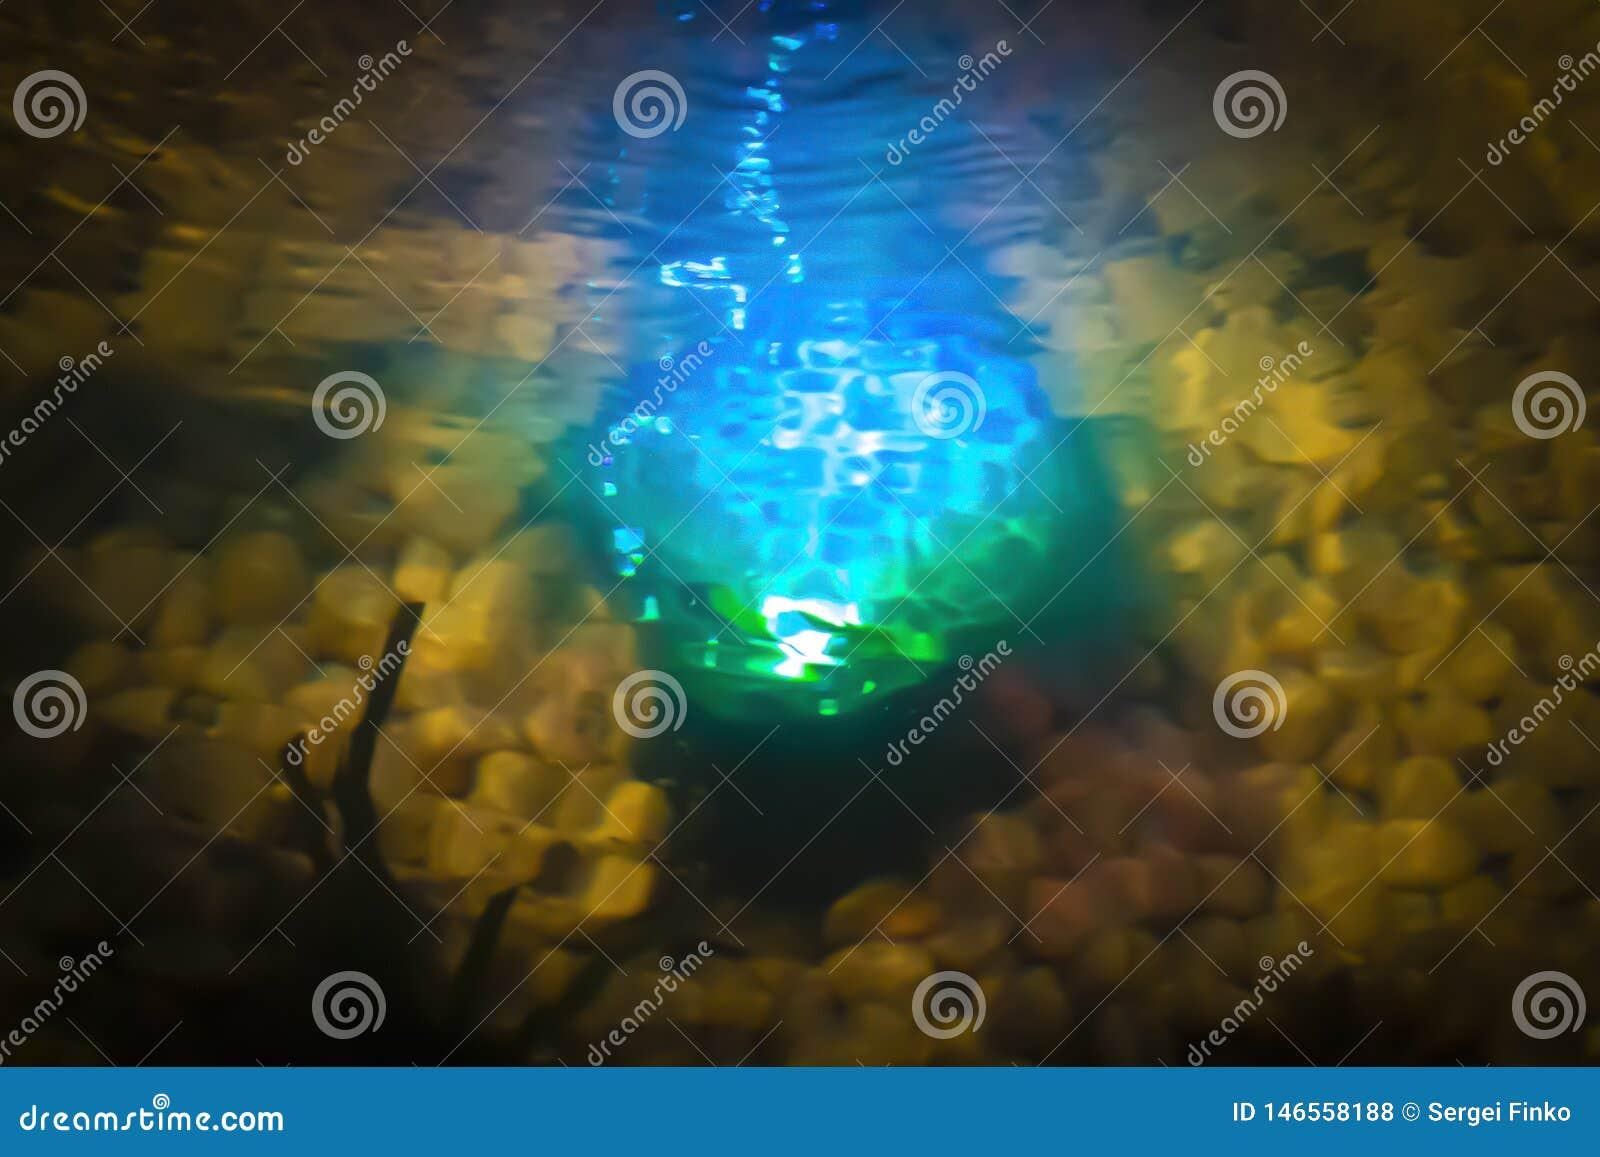 Magic glow in the water